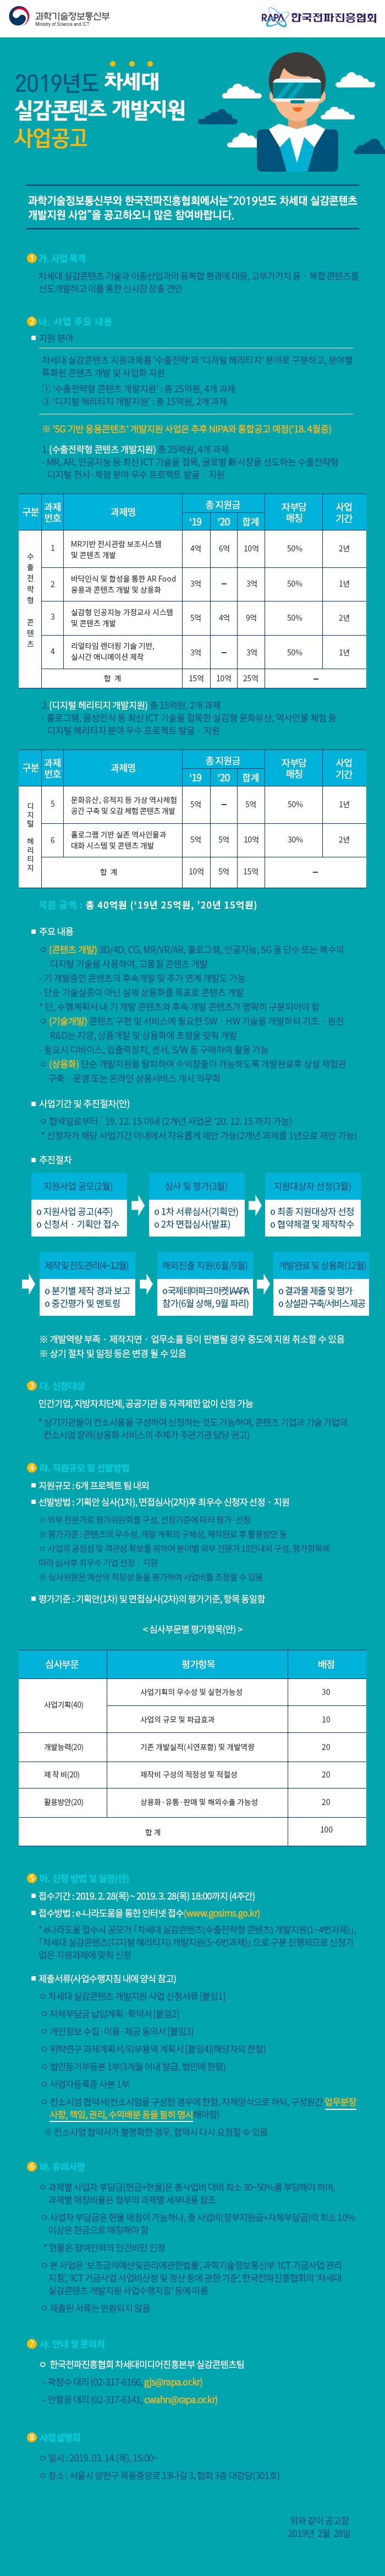 [한국전파진흥협회] 2019년 차세대실감콘텐츠개발지원 사업 공모 홍보 요청